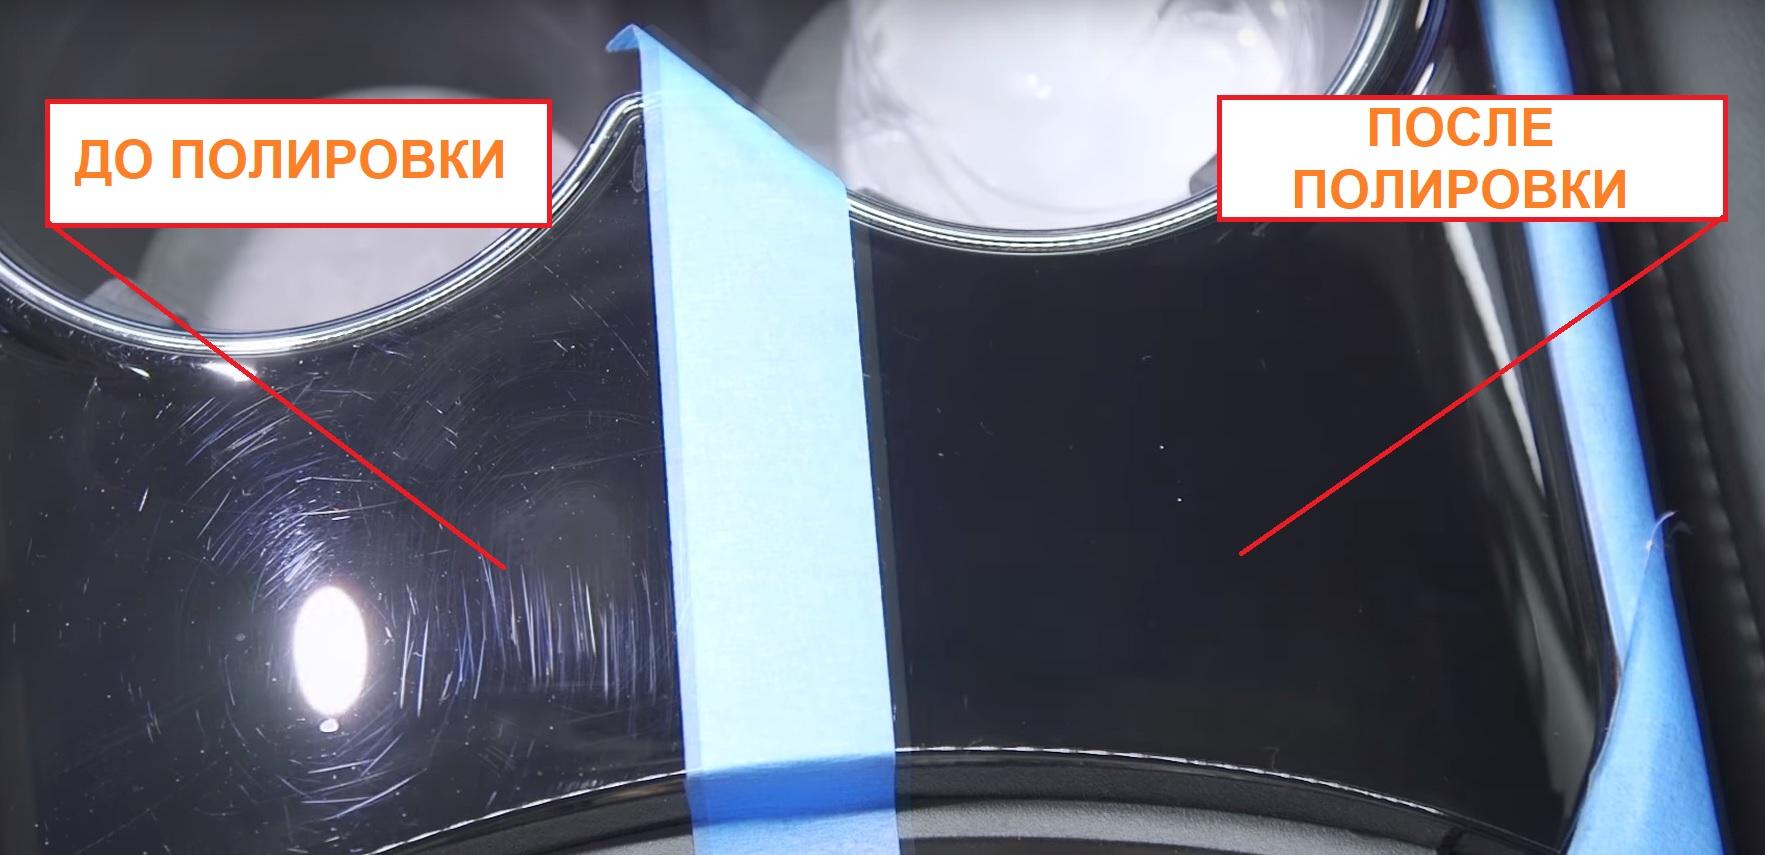 Как убрать царапины на машине - удаление царапин 92